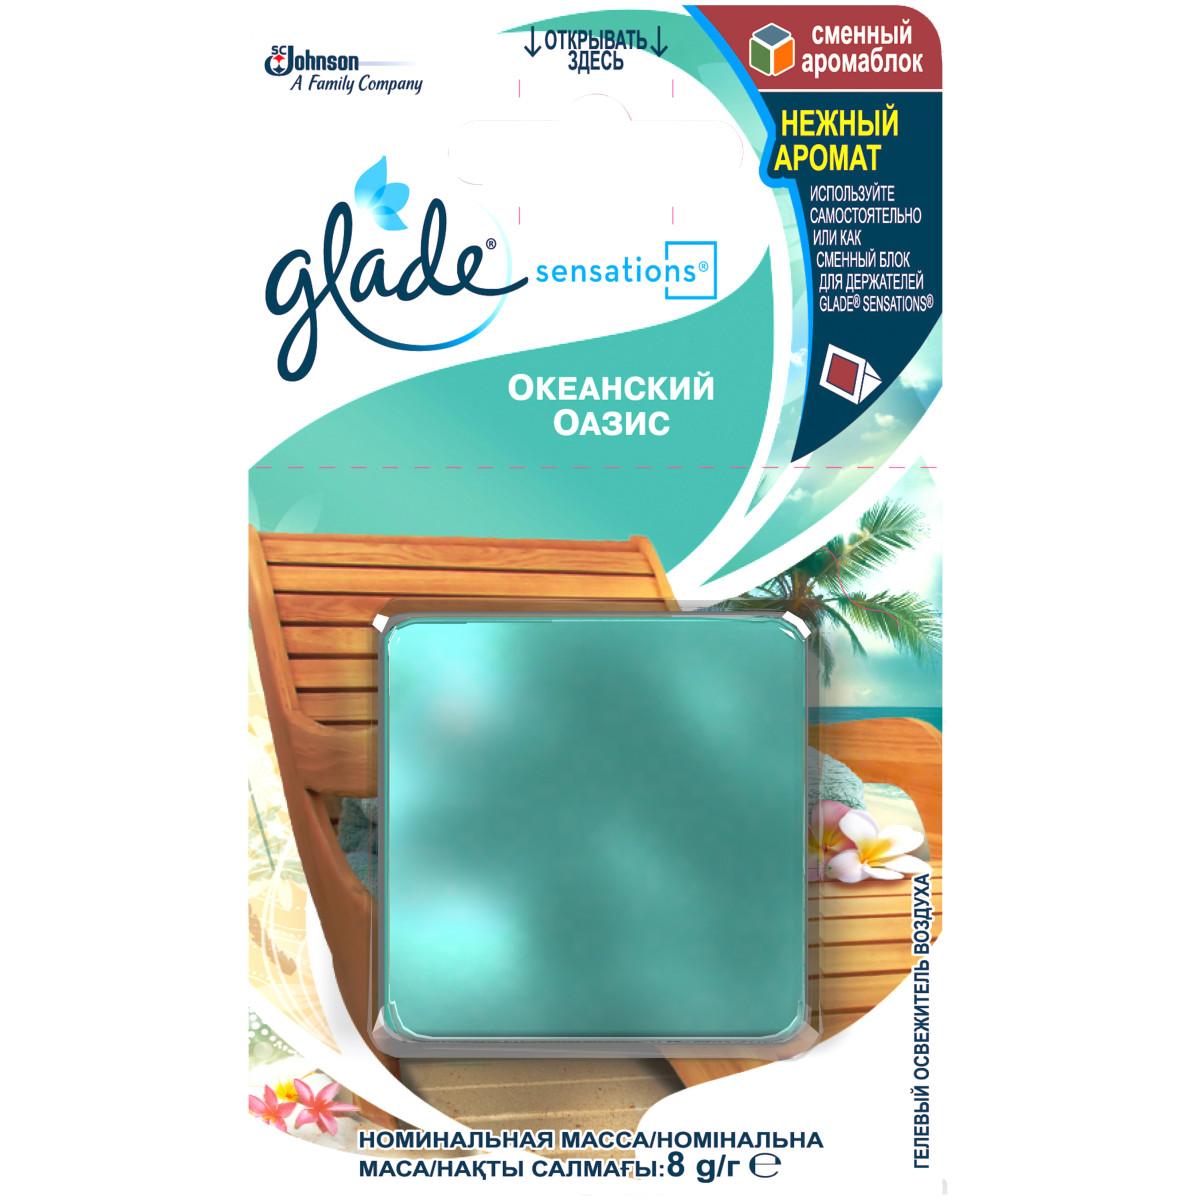 Освежитель Воздуха Для Ванной Комнаты Glade Sensations Океанский Оазисенный Блок